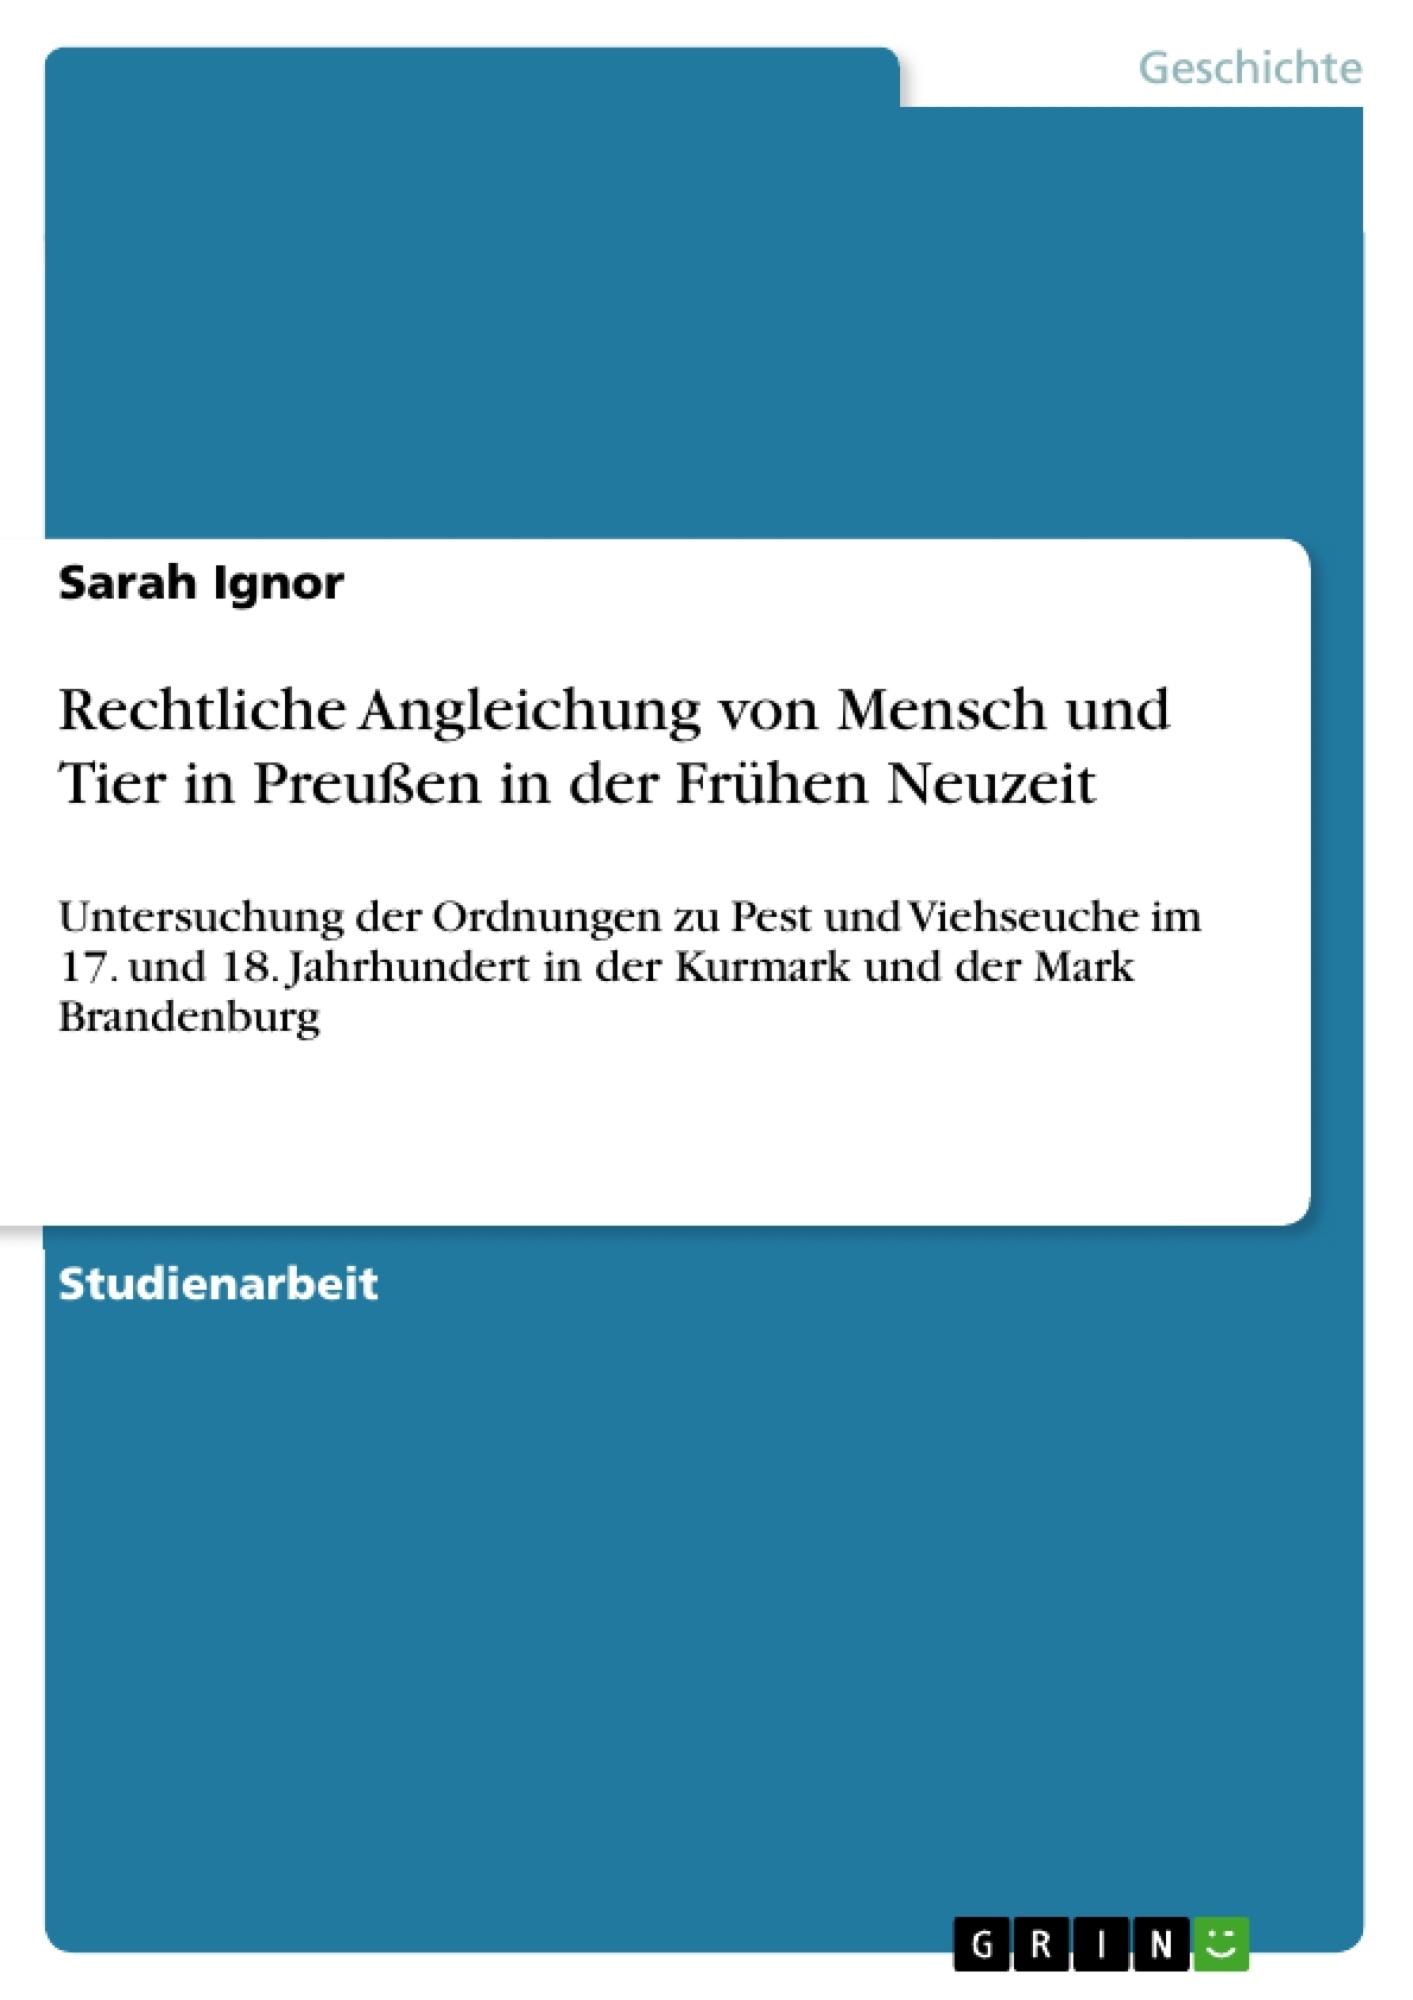 Titel: Rechtliche Angleichung von Mensch und Tier in Preußen in der Frühen Neuzeit